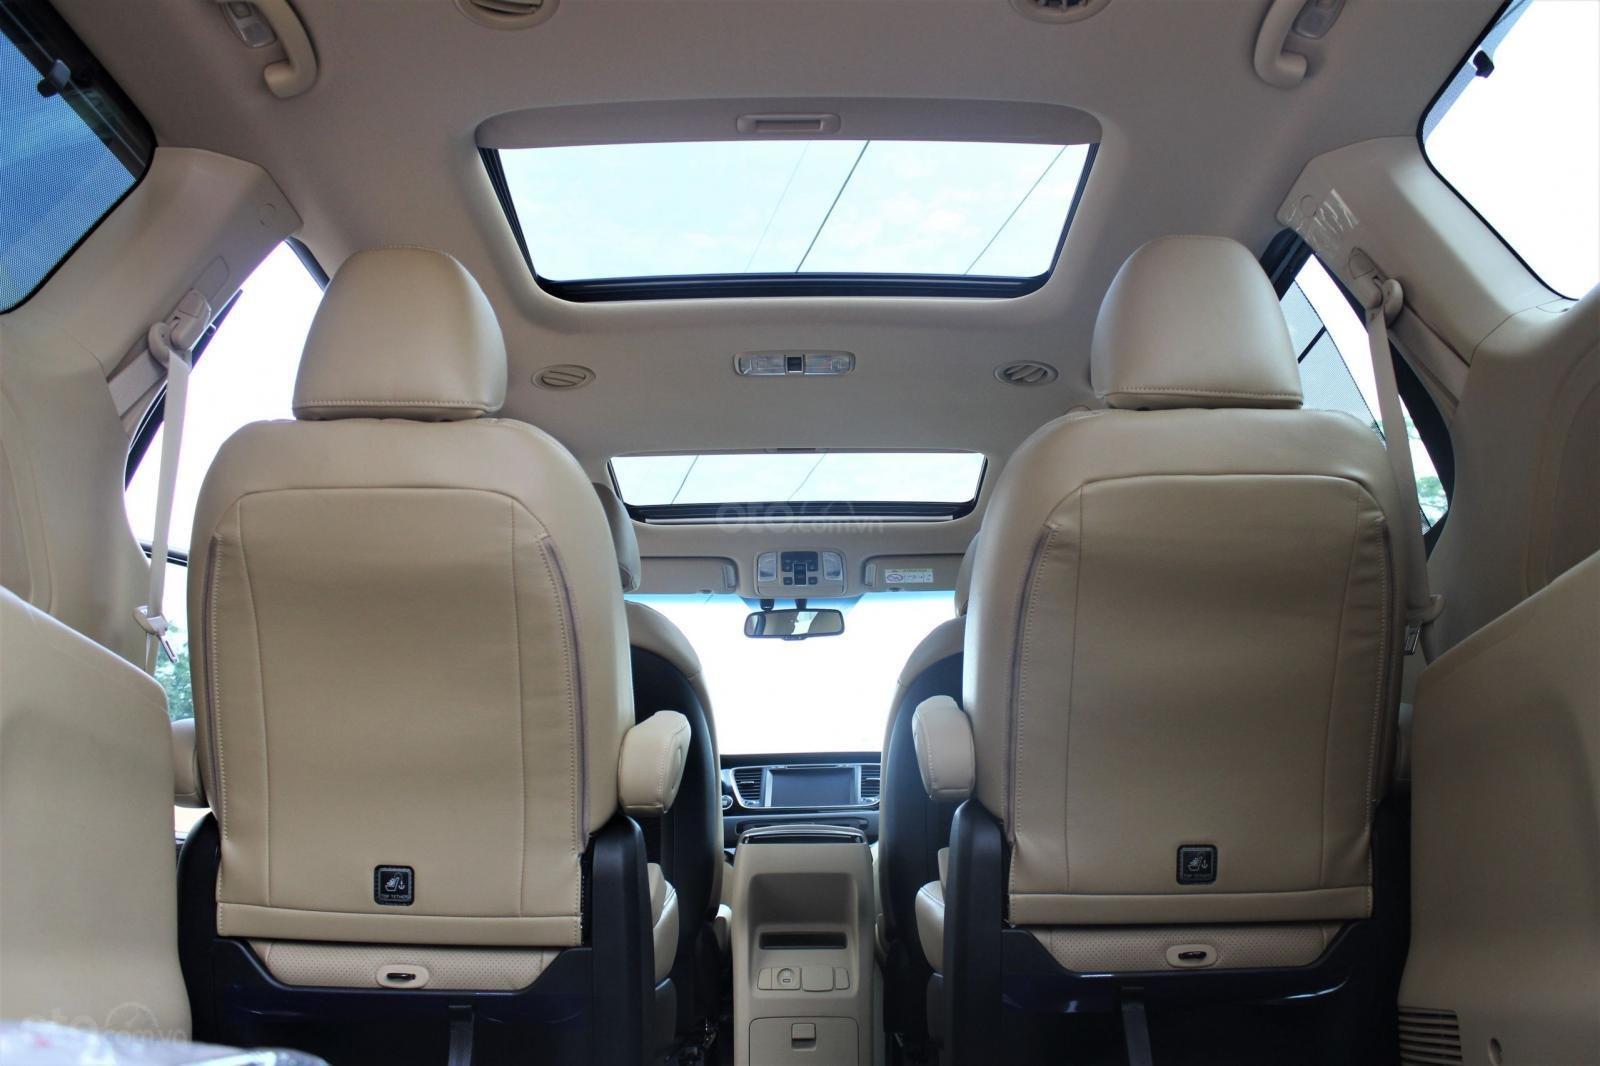 Bán Sedona - có xe giao tết, giảm ngay tiền mặt, tặng bảo hiểm xe - LH 0972268021-4